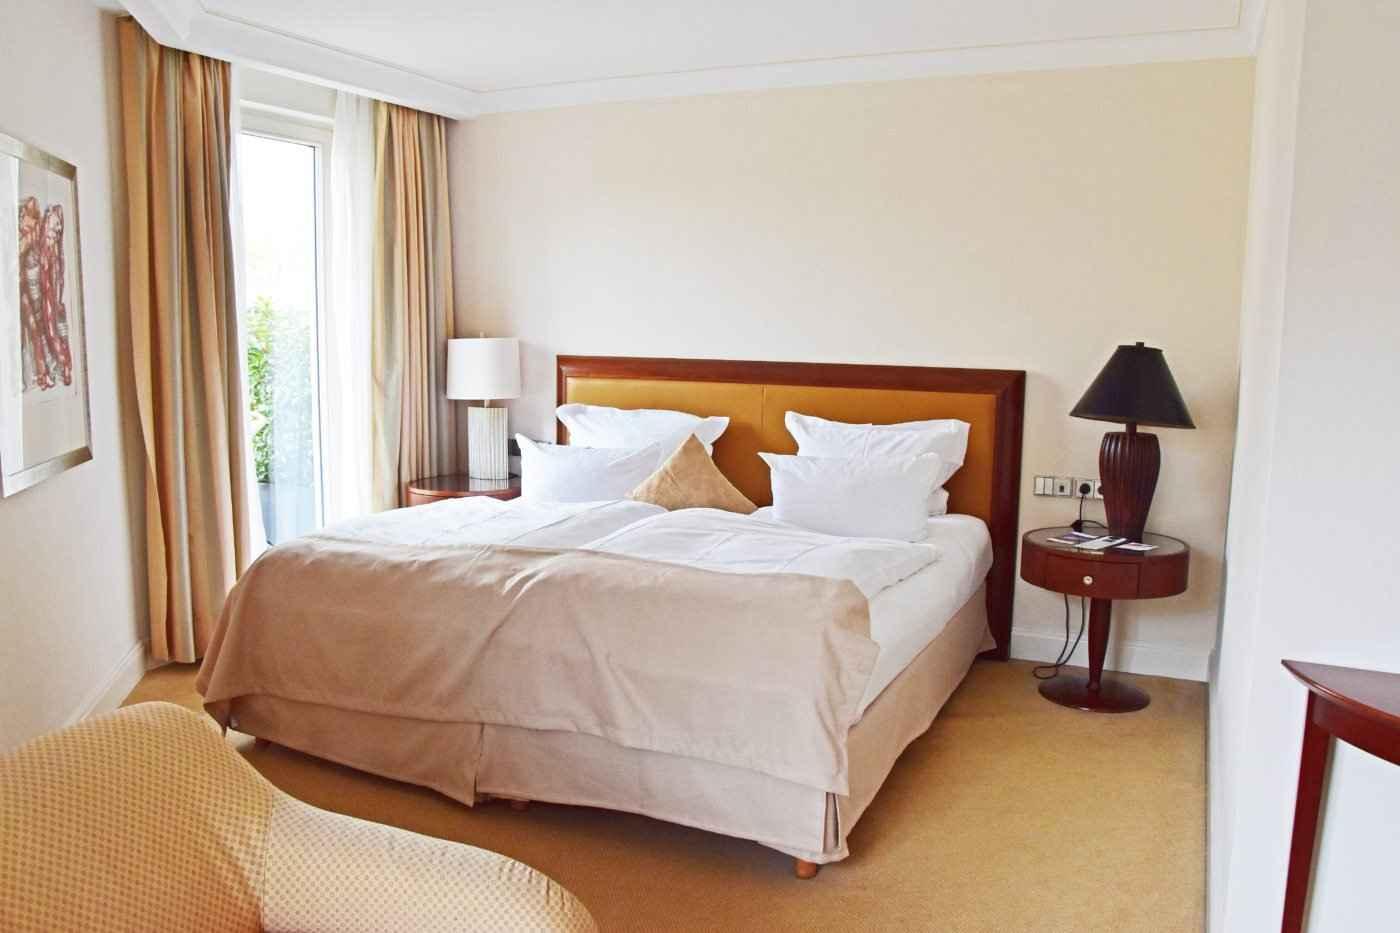 Dorint Maison Messmer Hotelreview